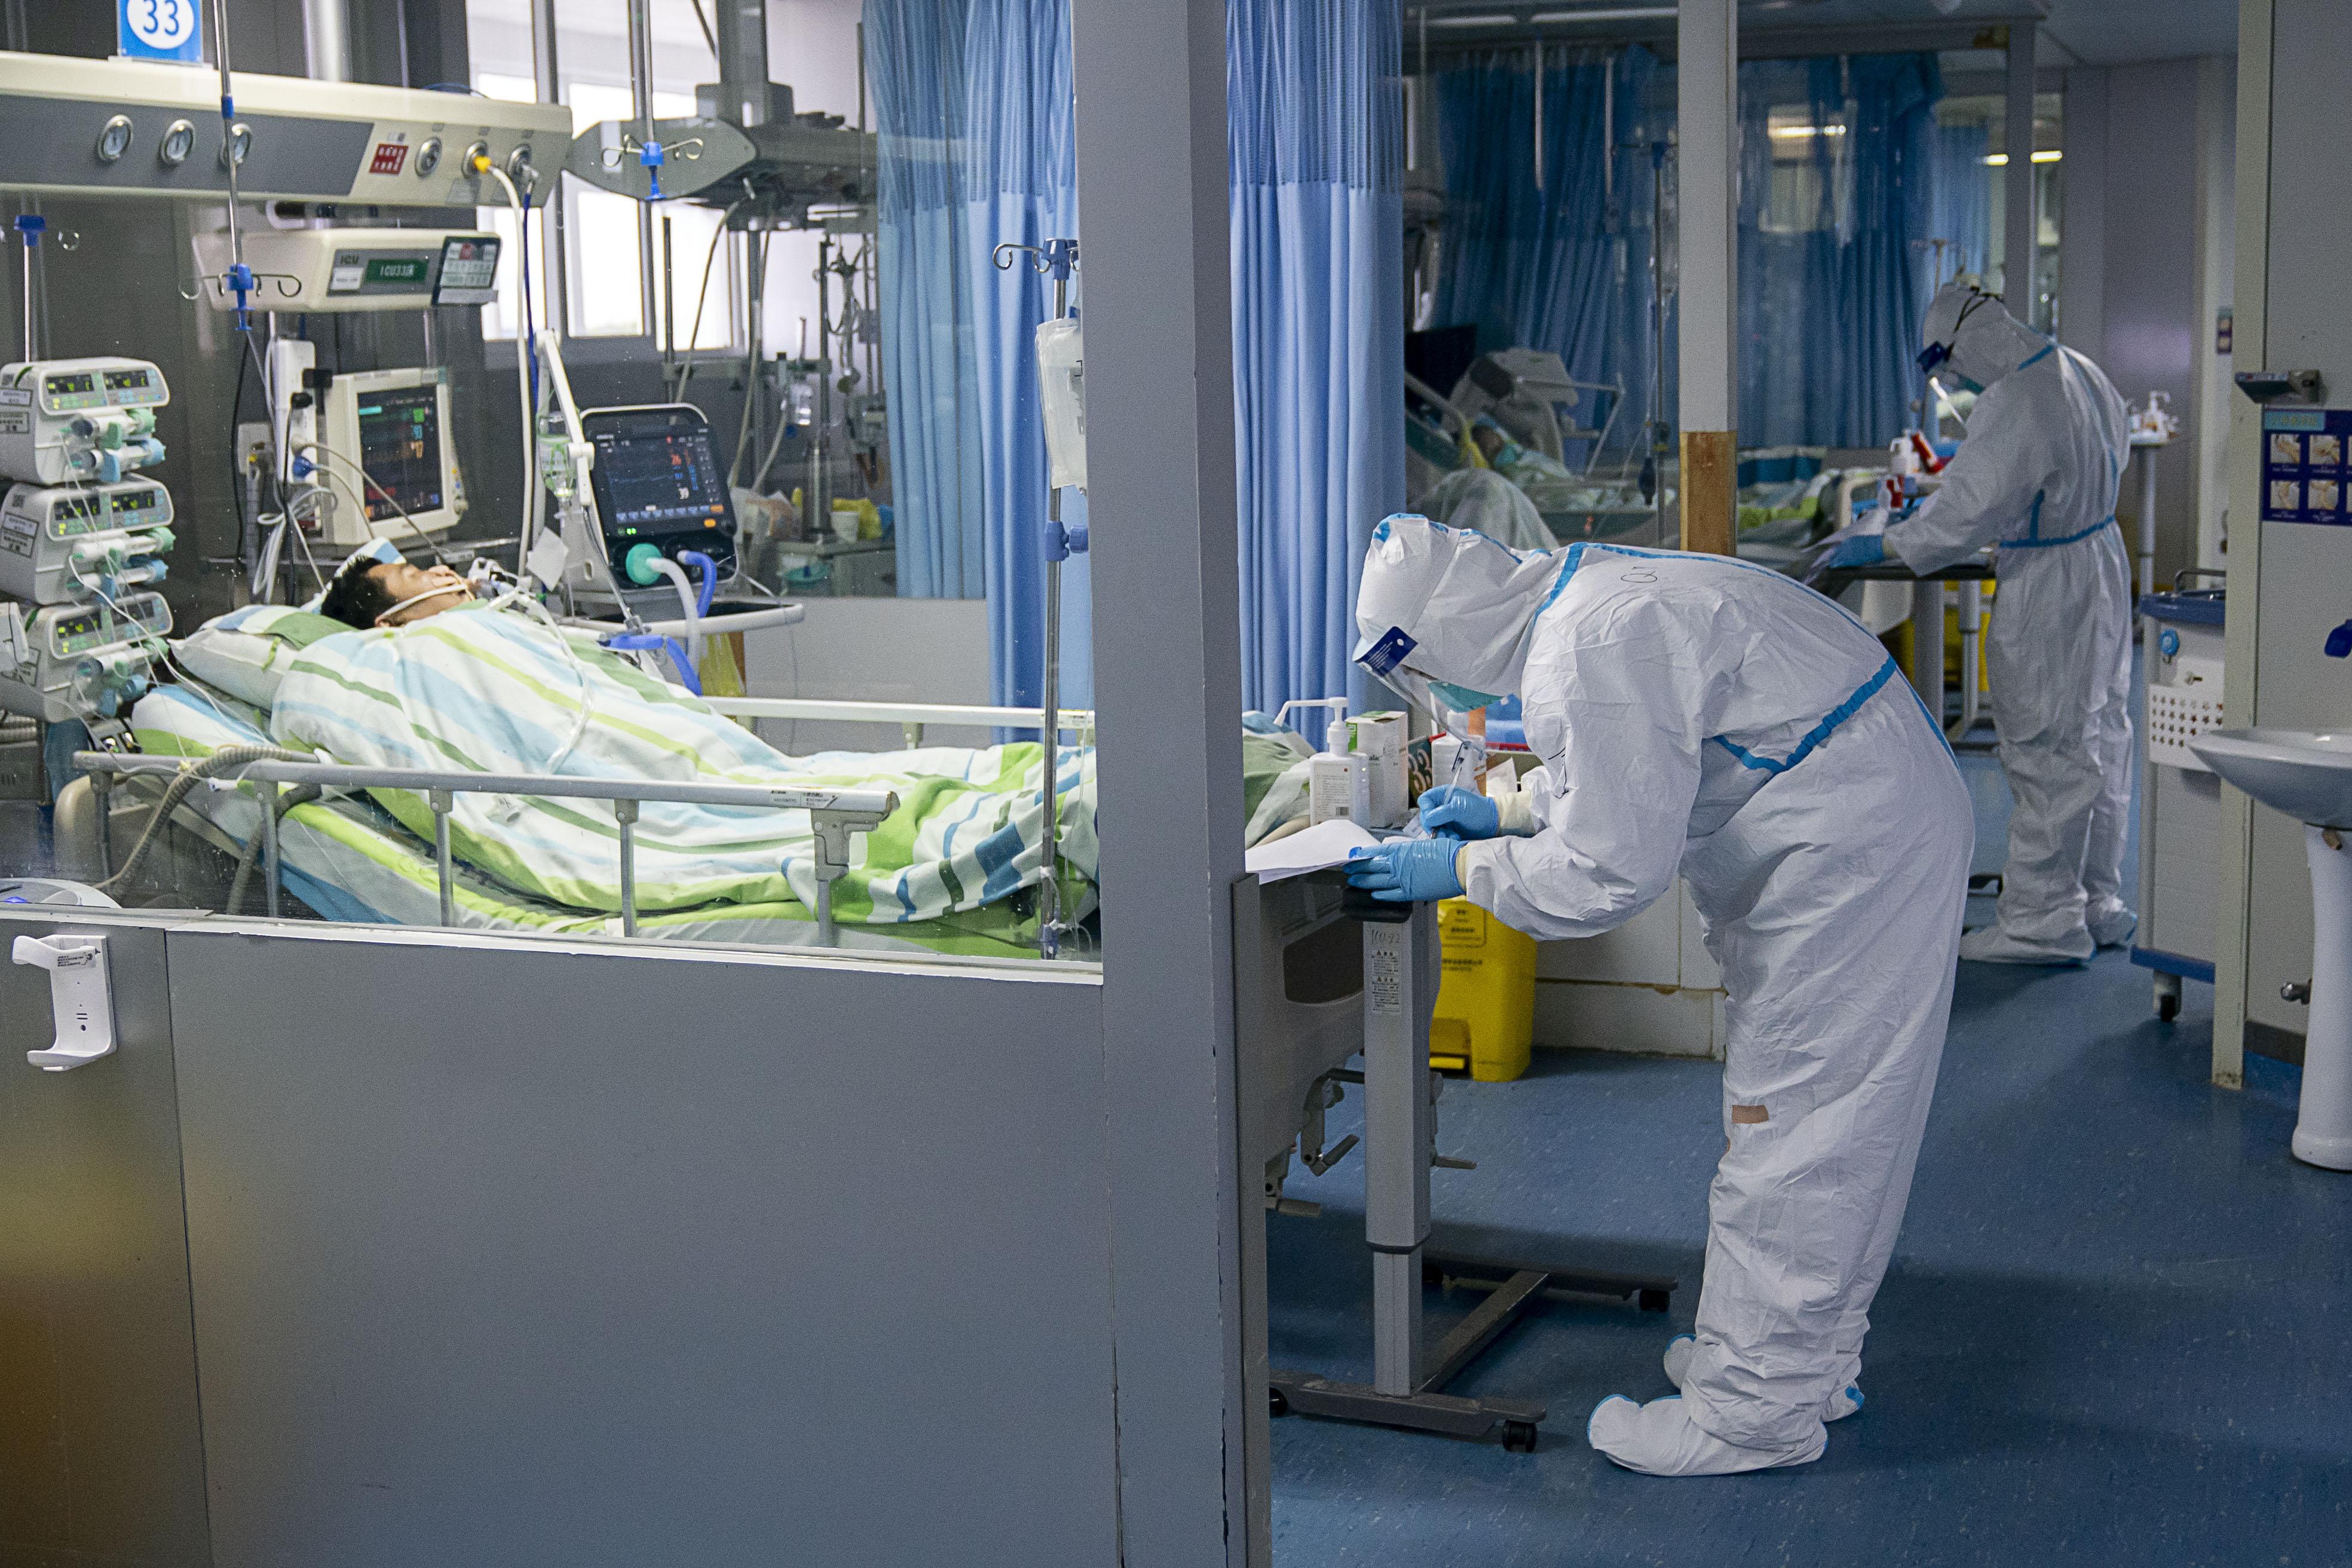 집중치료실에서 치료받는 중국 신종코로나 환자들